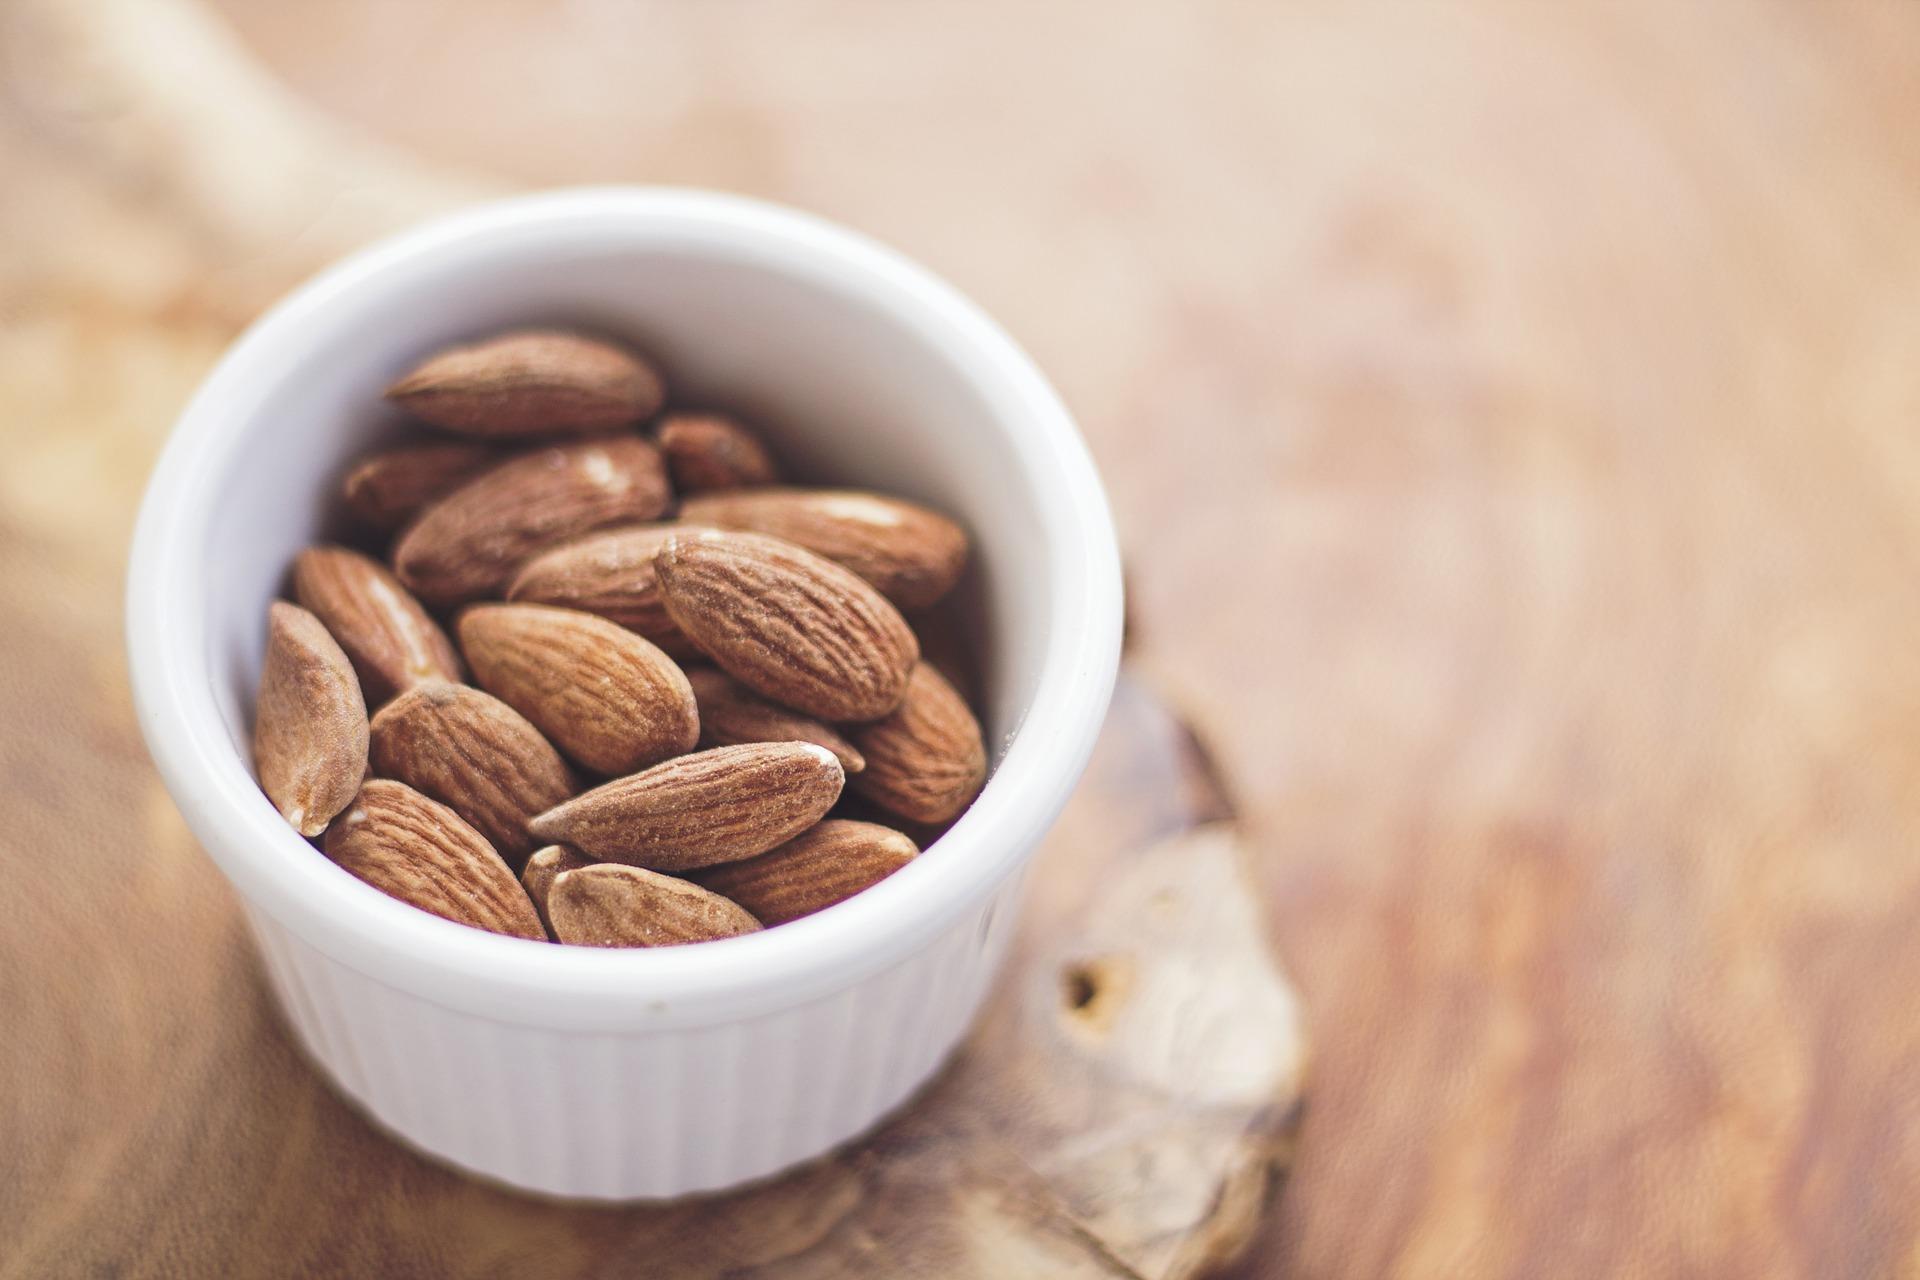 Las nueces son un alimento permitido en la dieta FODMAP. (Free-Photos / Pixabay)